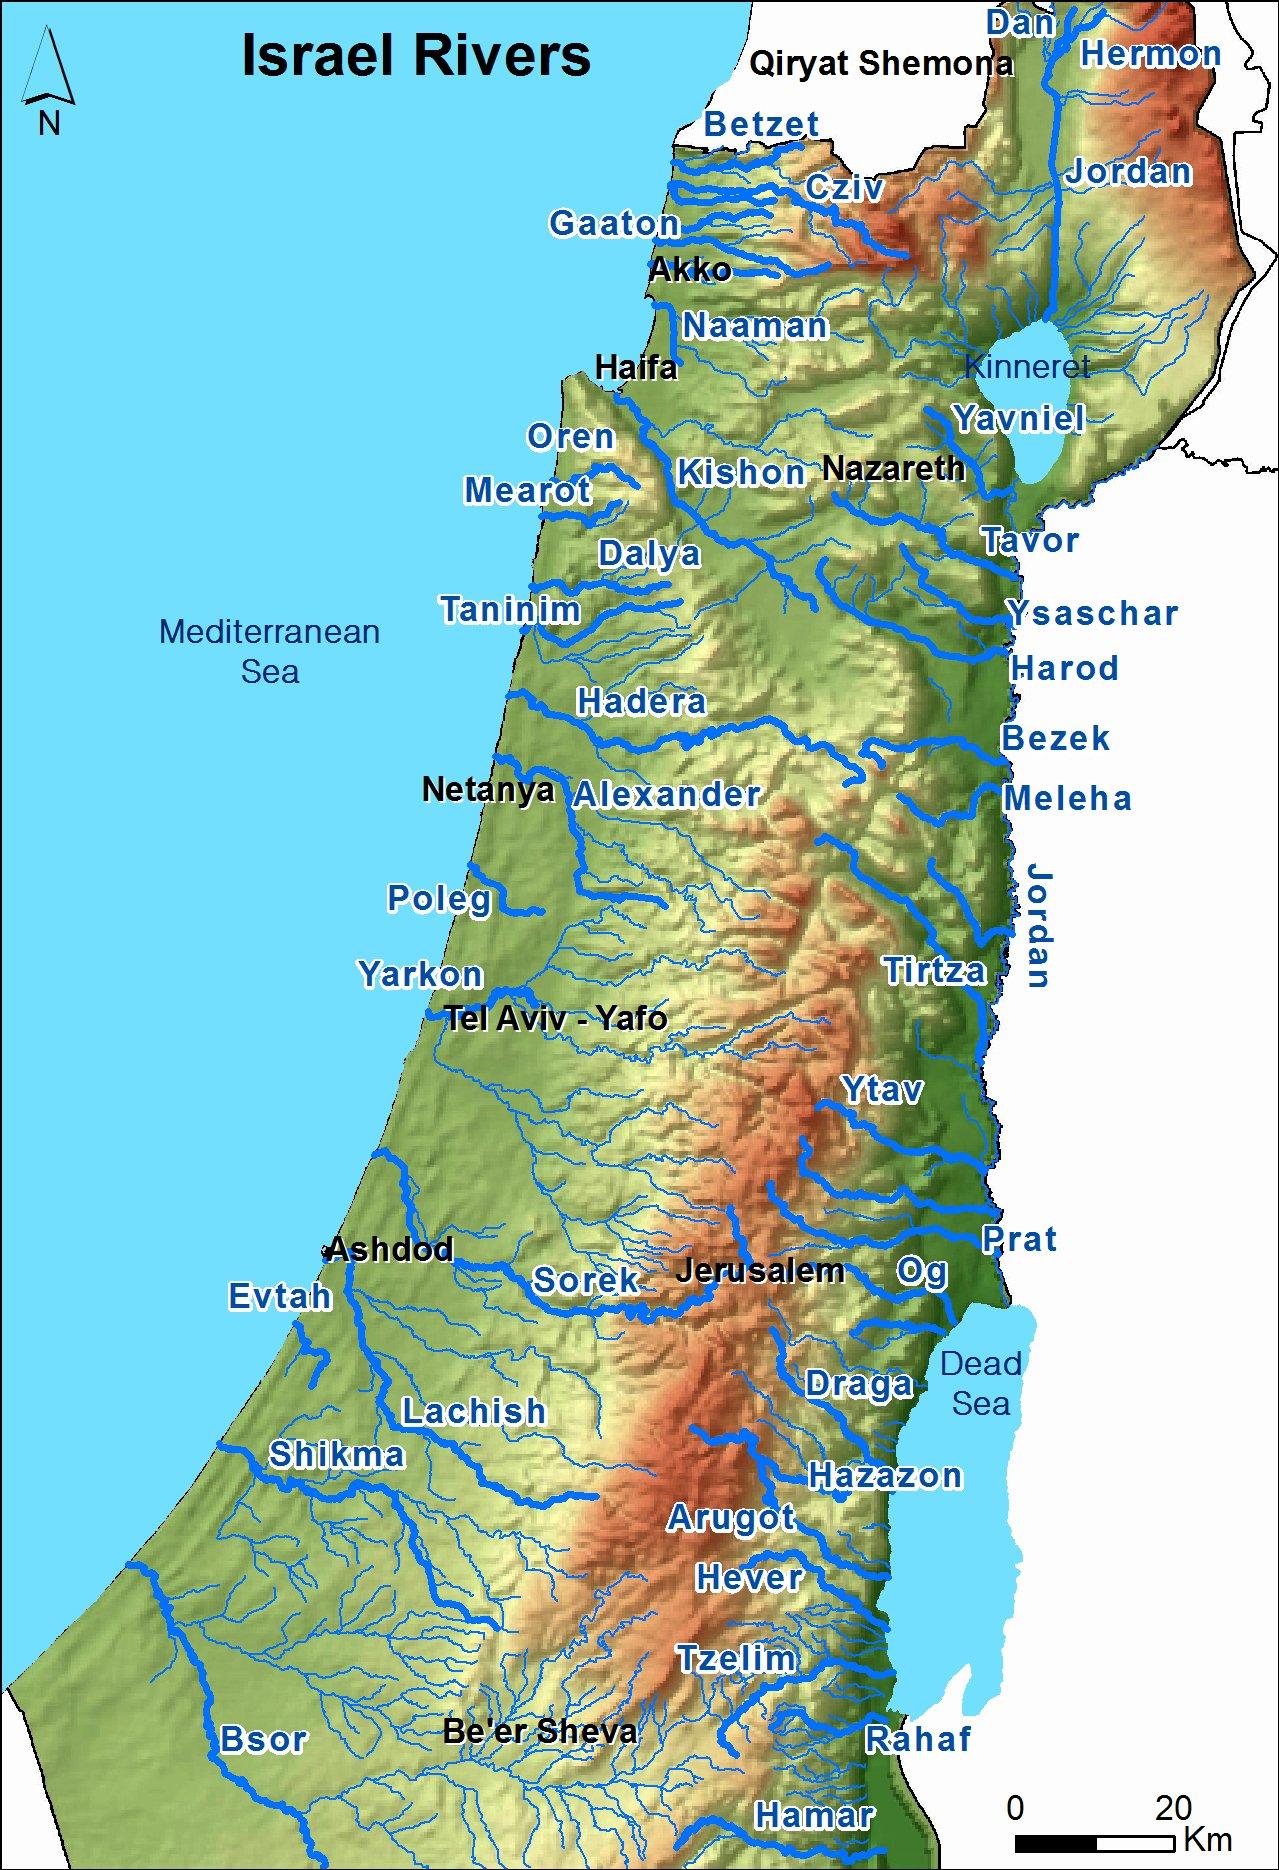 מפת נהרות ישראל